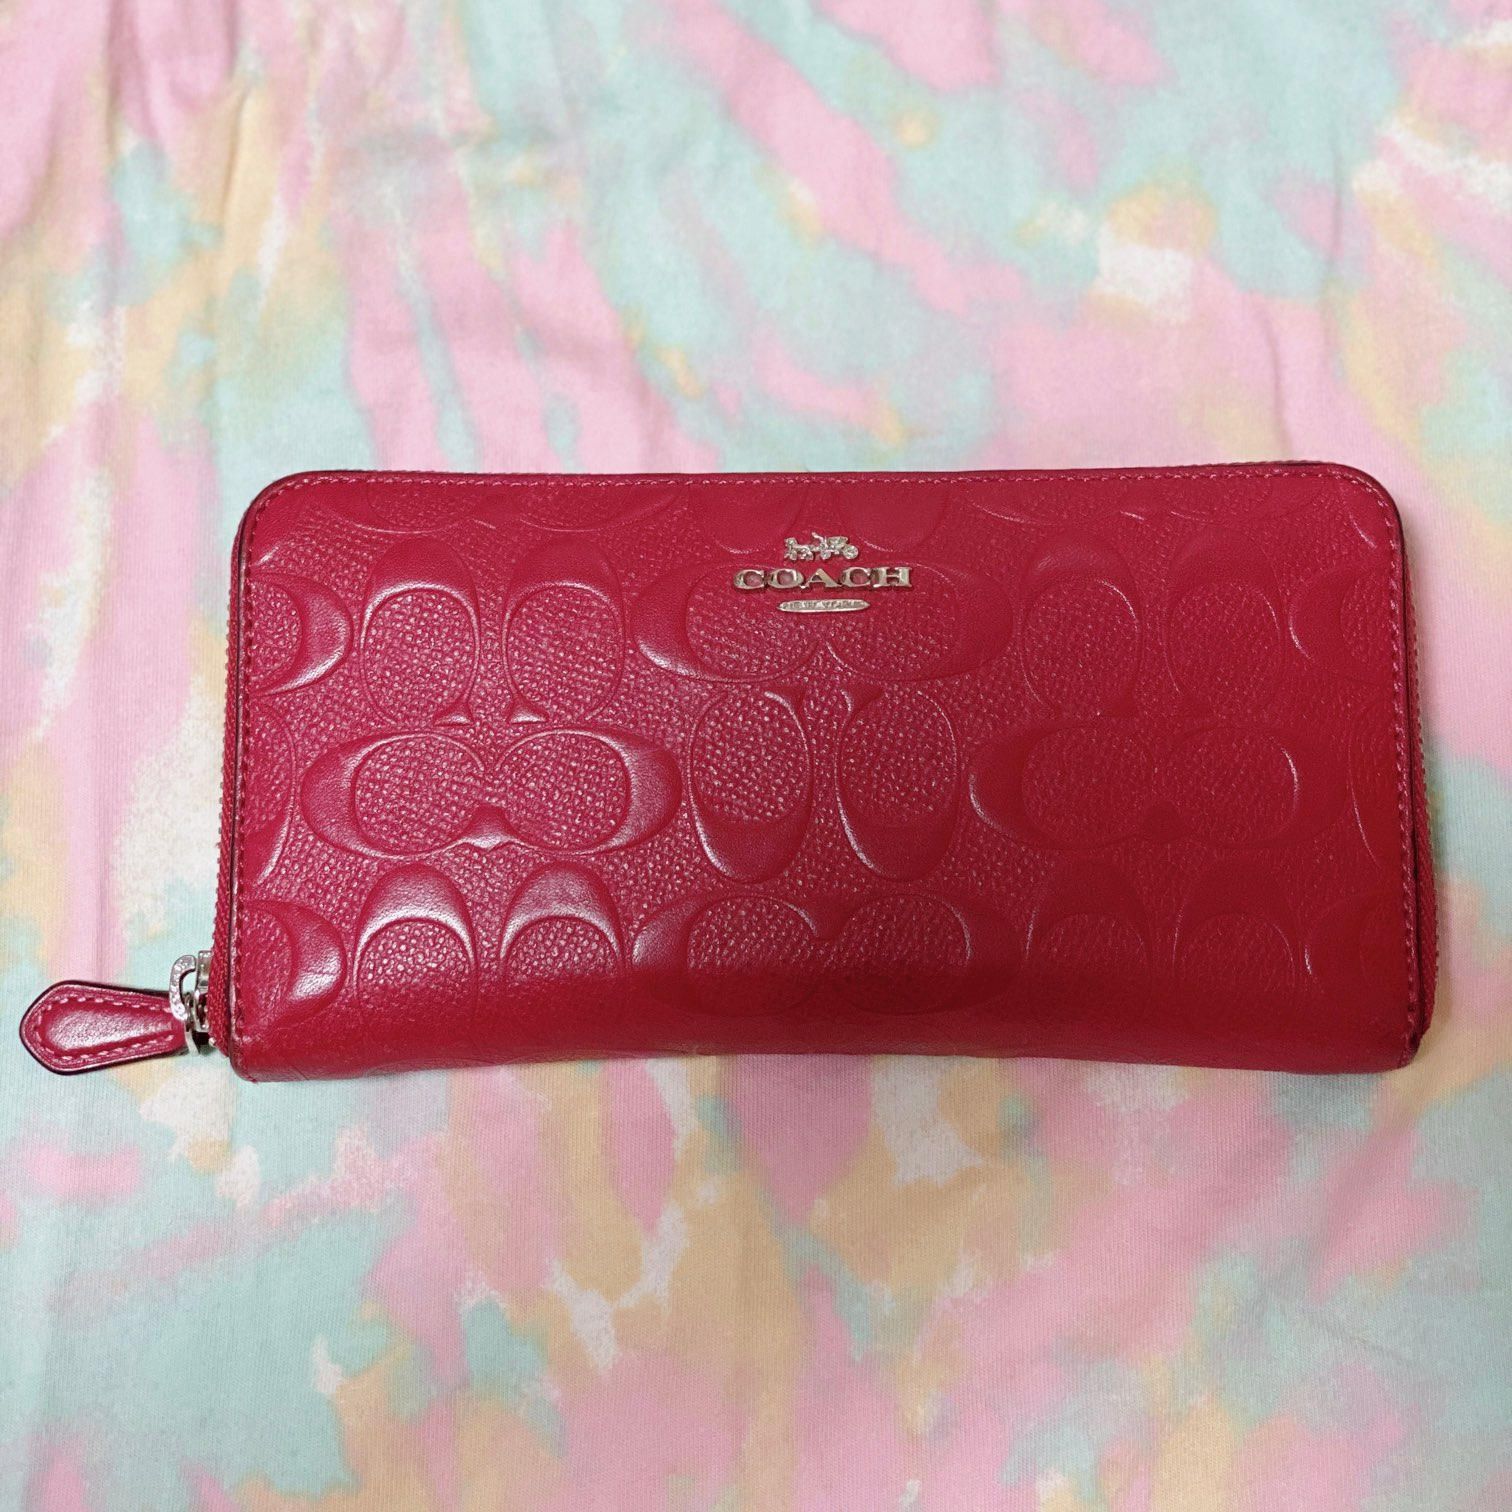 【20代女子の愛用財布】私の愛用お財布は『COACH』の長財布♡_1